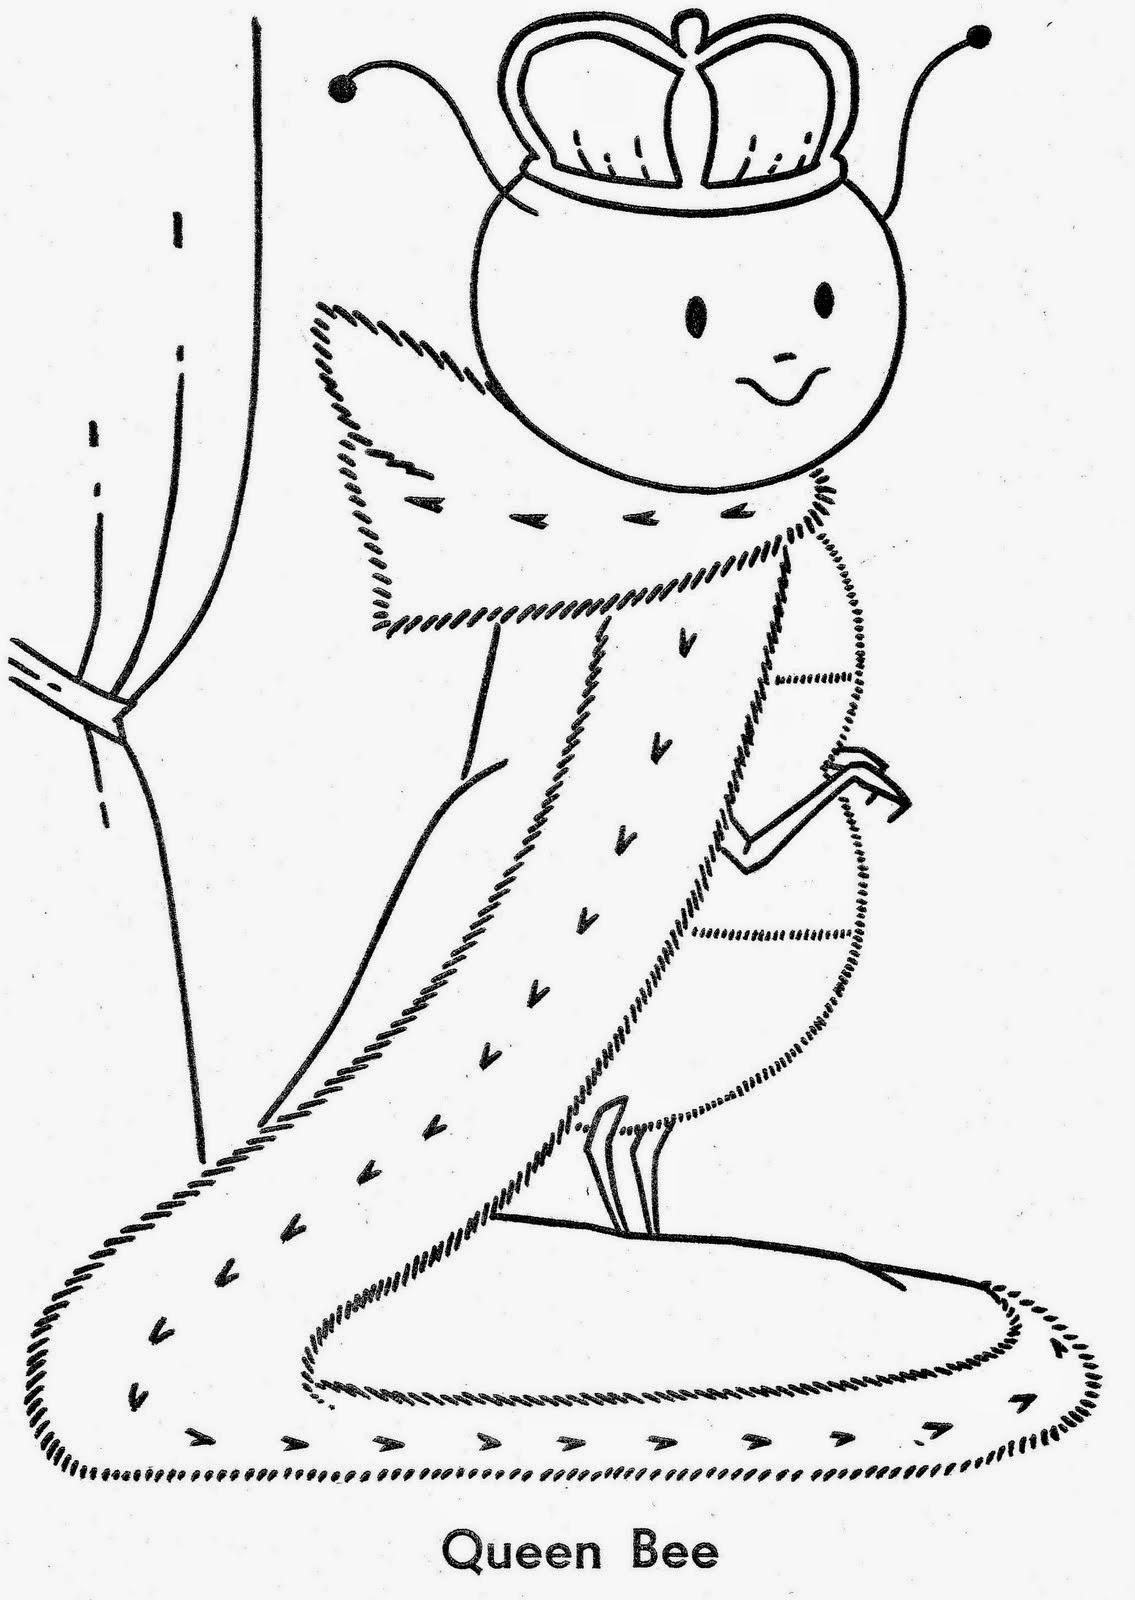 Desenhos engraçados para colorir GuiaDicas  - imagens para colorir engraçadas